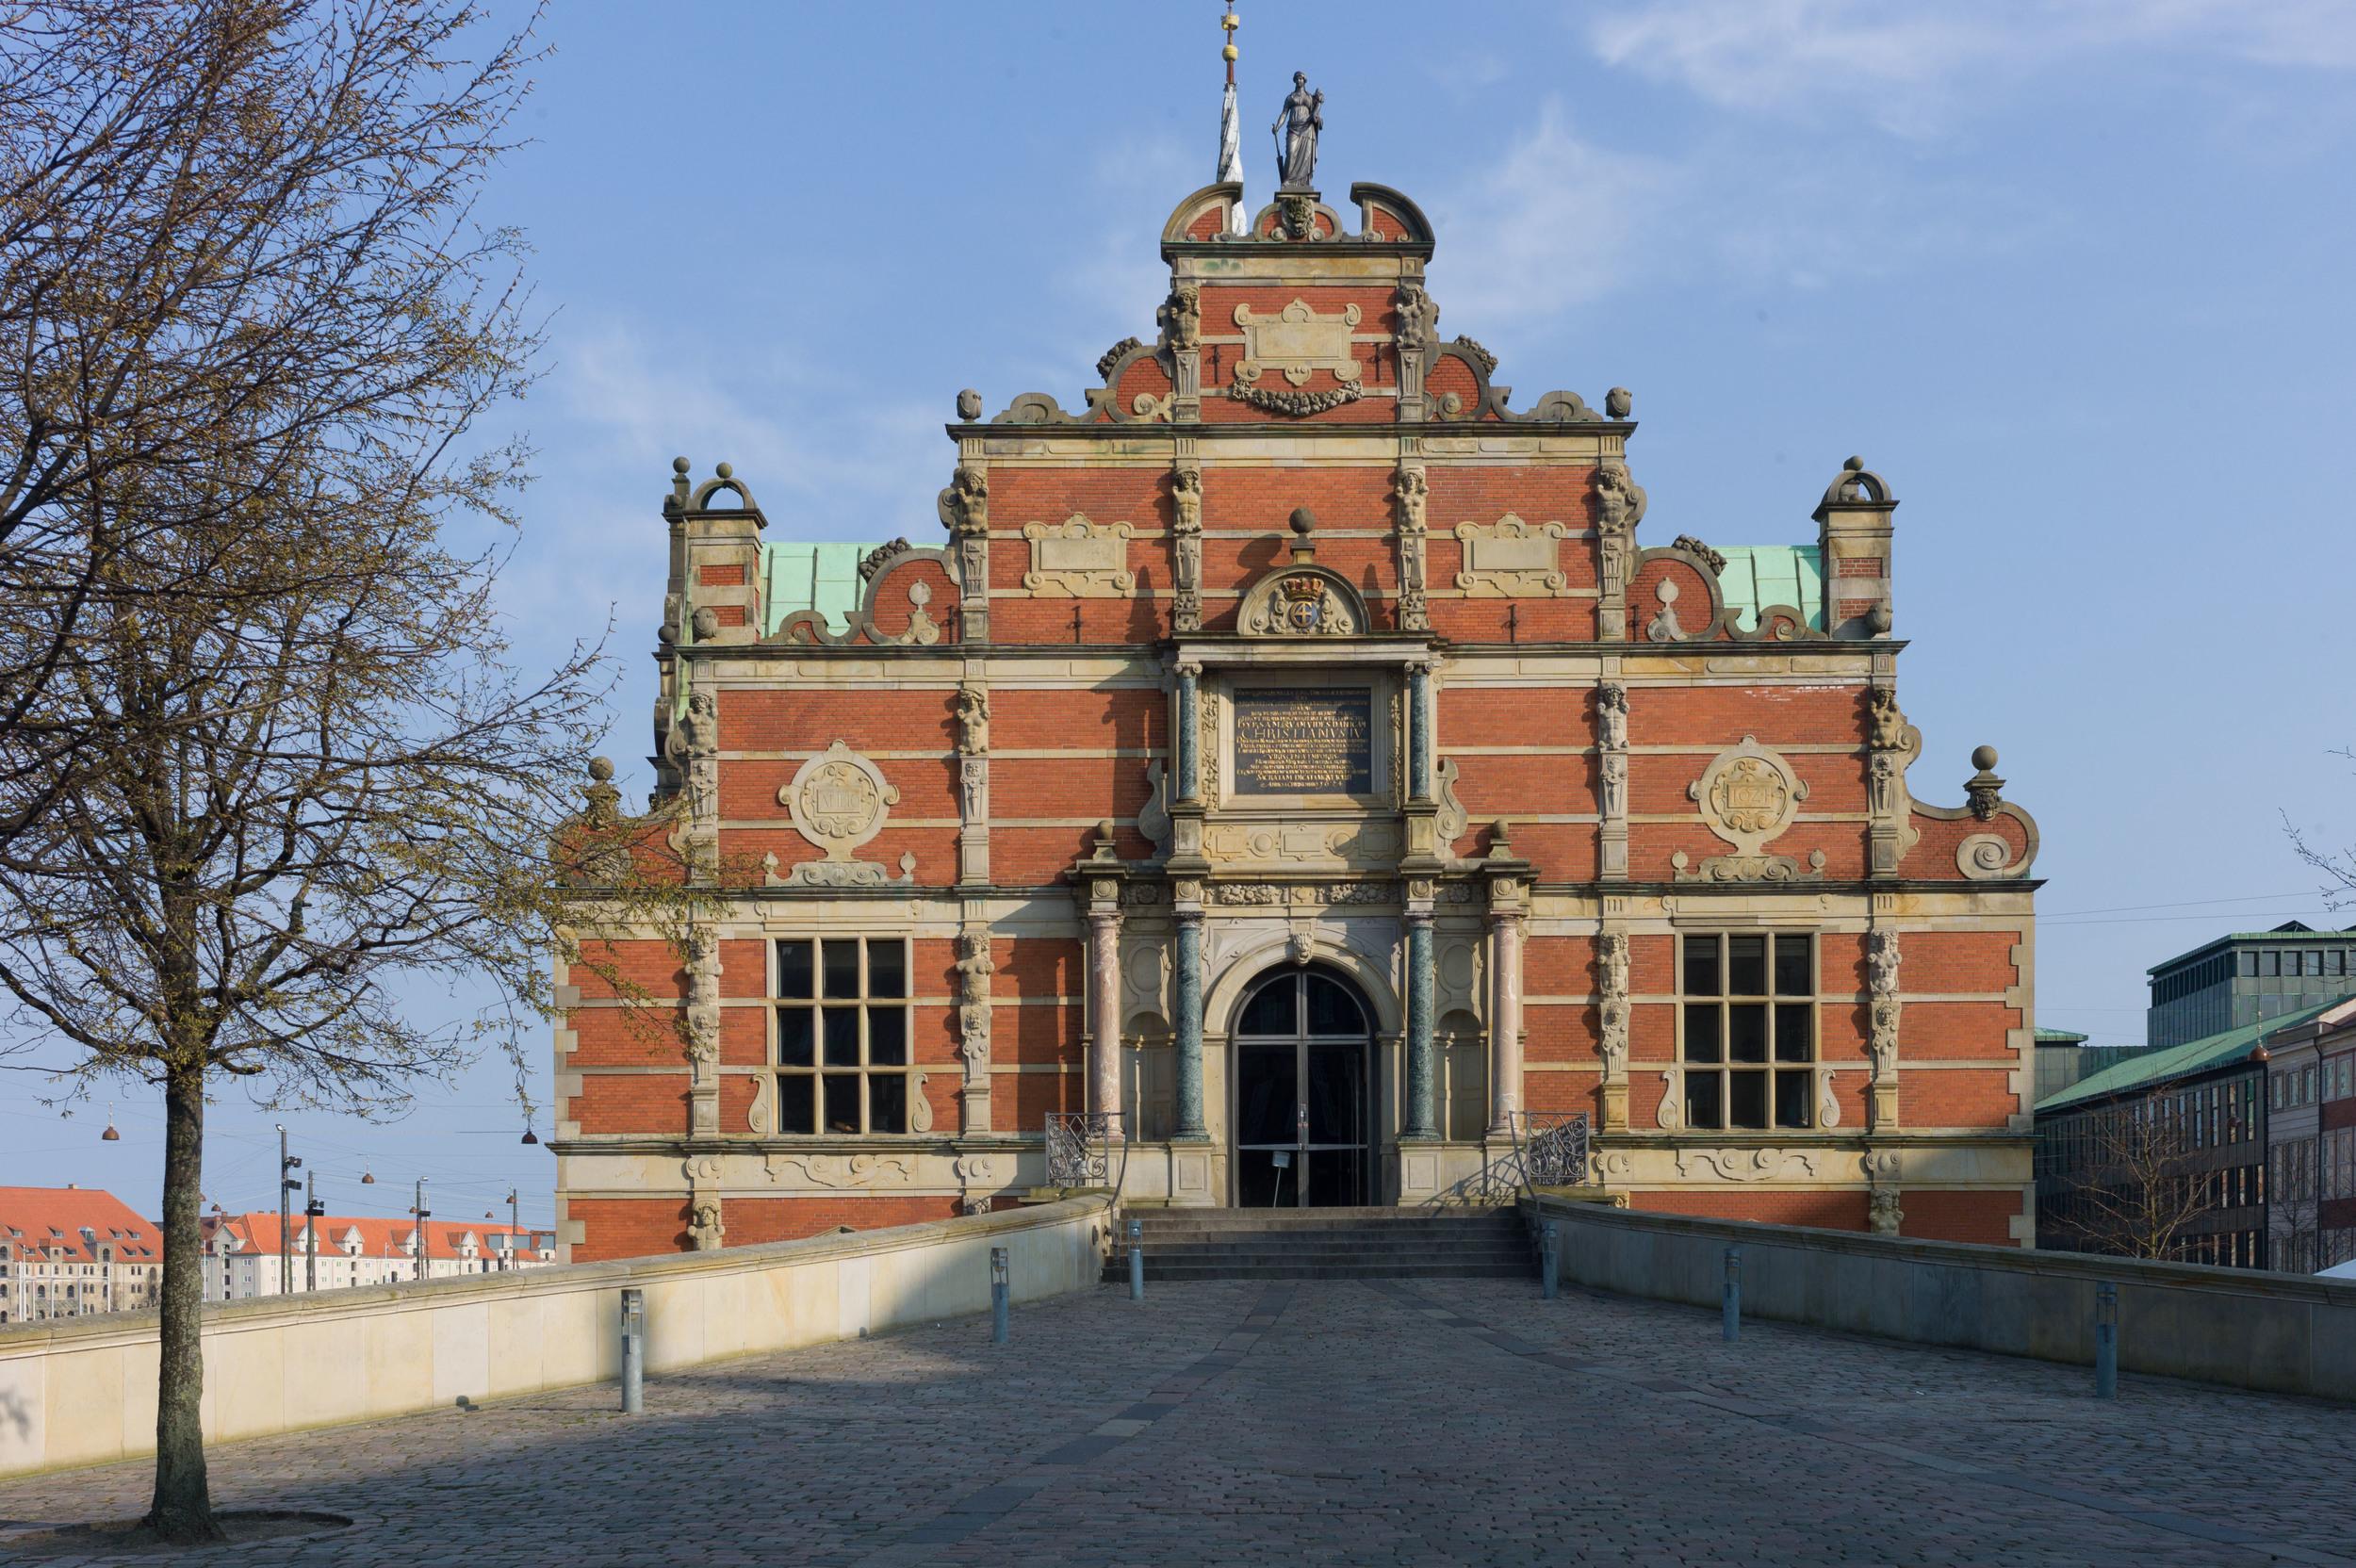 Borsen - the Bourse or Exchange - building work began in 1619